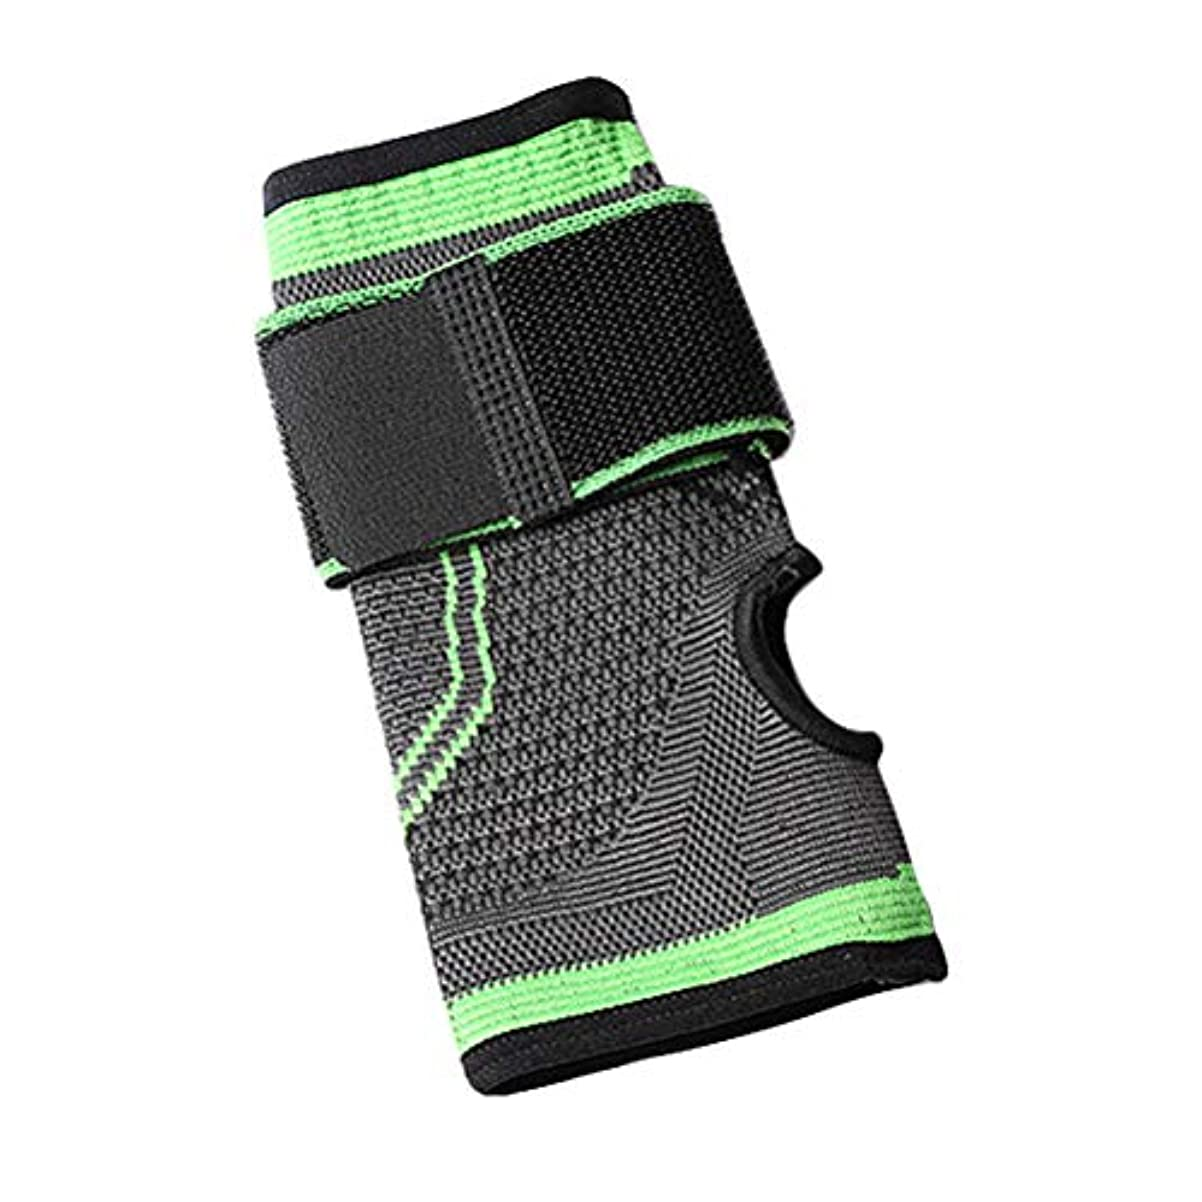 染色装備する酸っぱいHeallily 重量挙げのクロスプルアップサイズMのための手首ブレースサポート副木